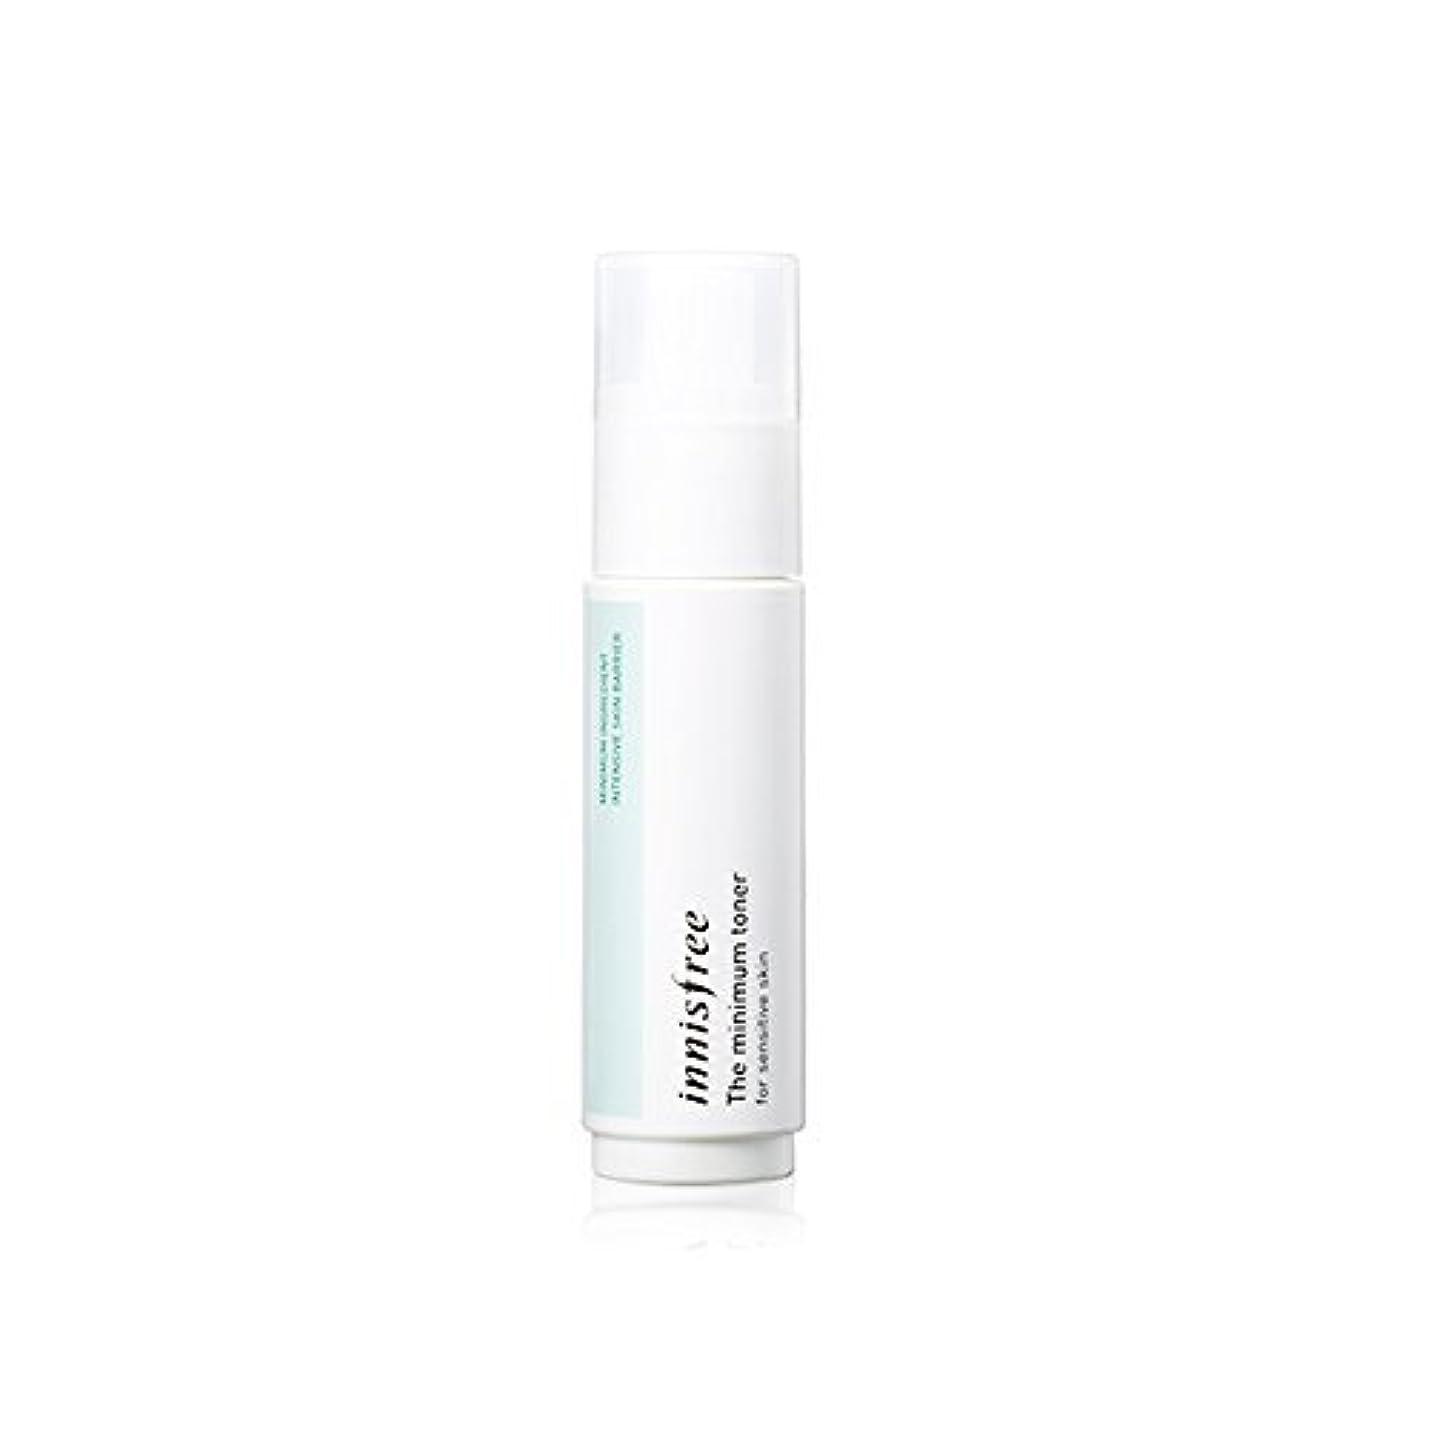 コマンド空フロントInnisfree The Minimum Toner For Sensitive Skin [並行輸入品]